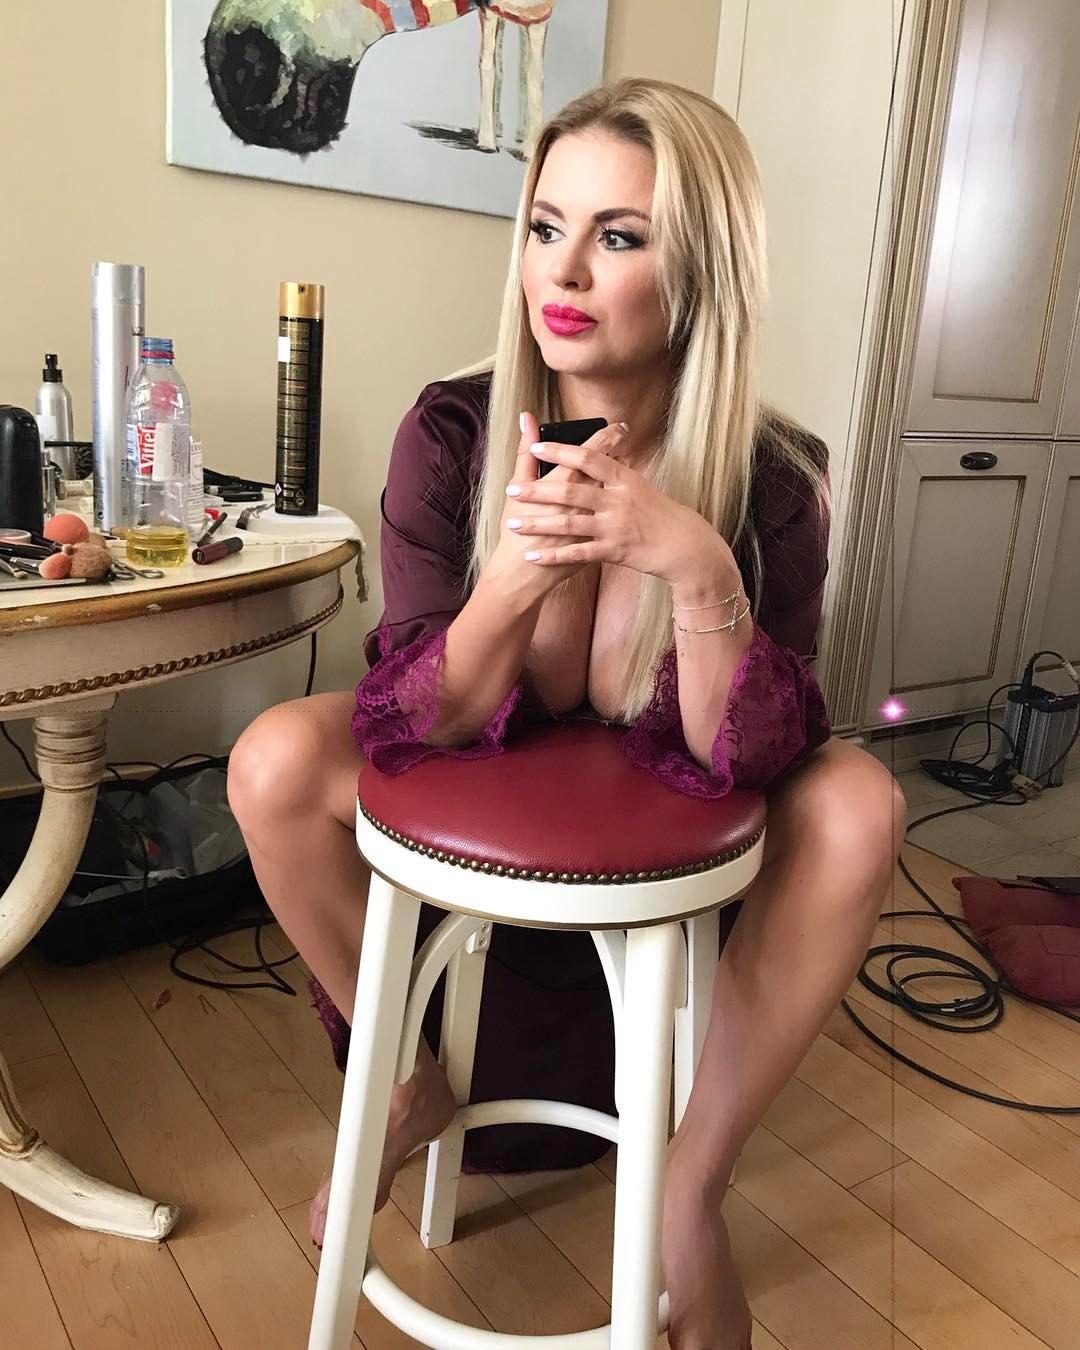 Анне Семенович предложили сняться в порнофильме